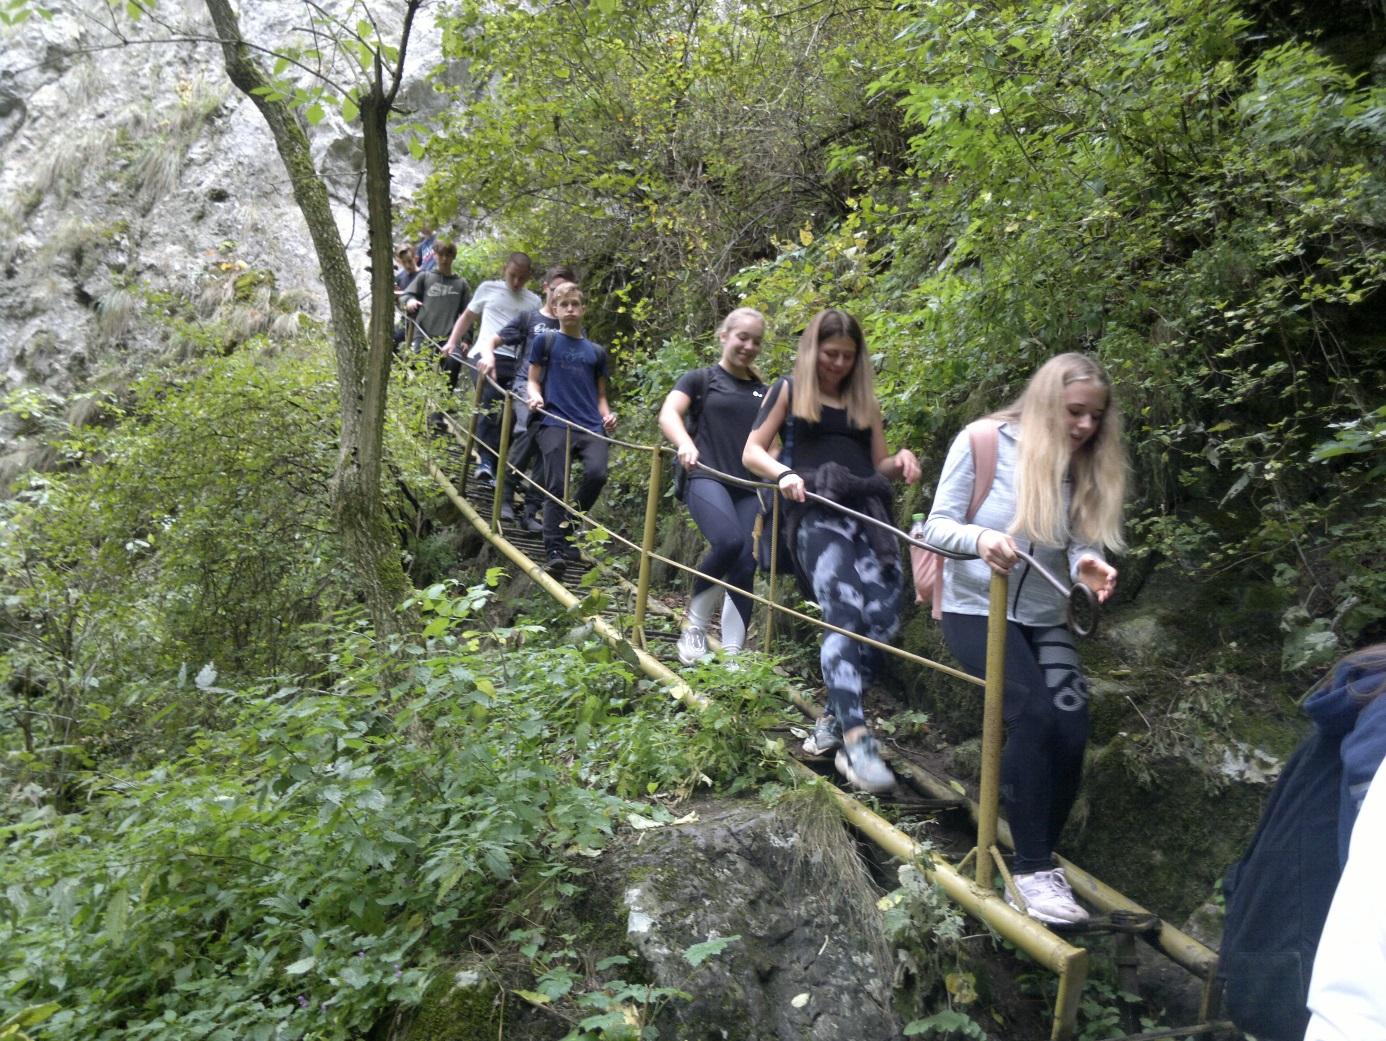 21. Úton vissza-, illetve lefelé az Almási - barlangból